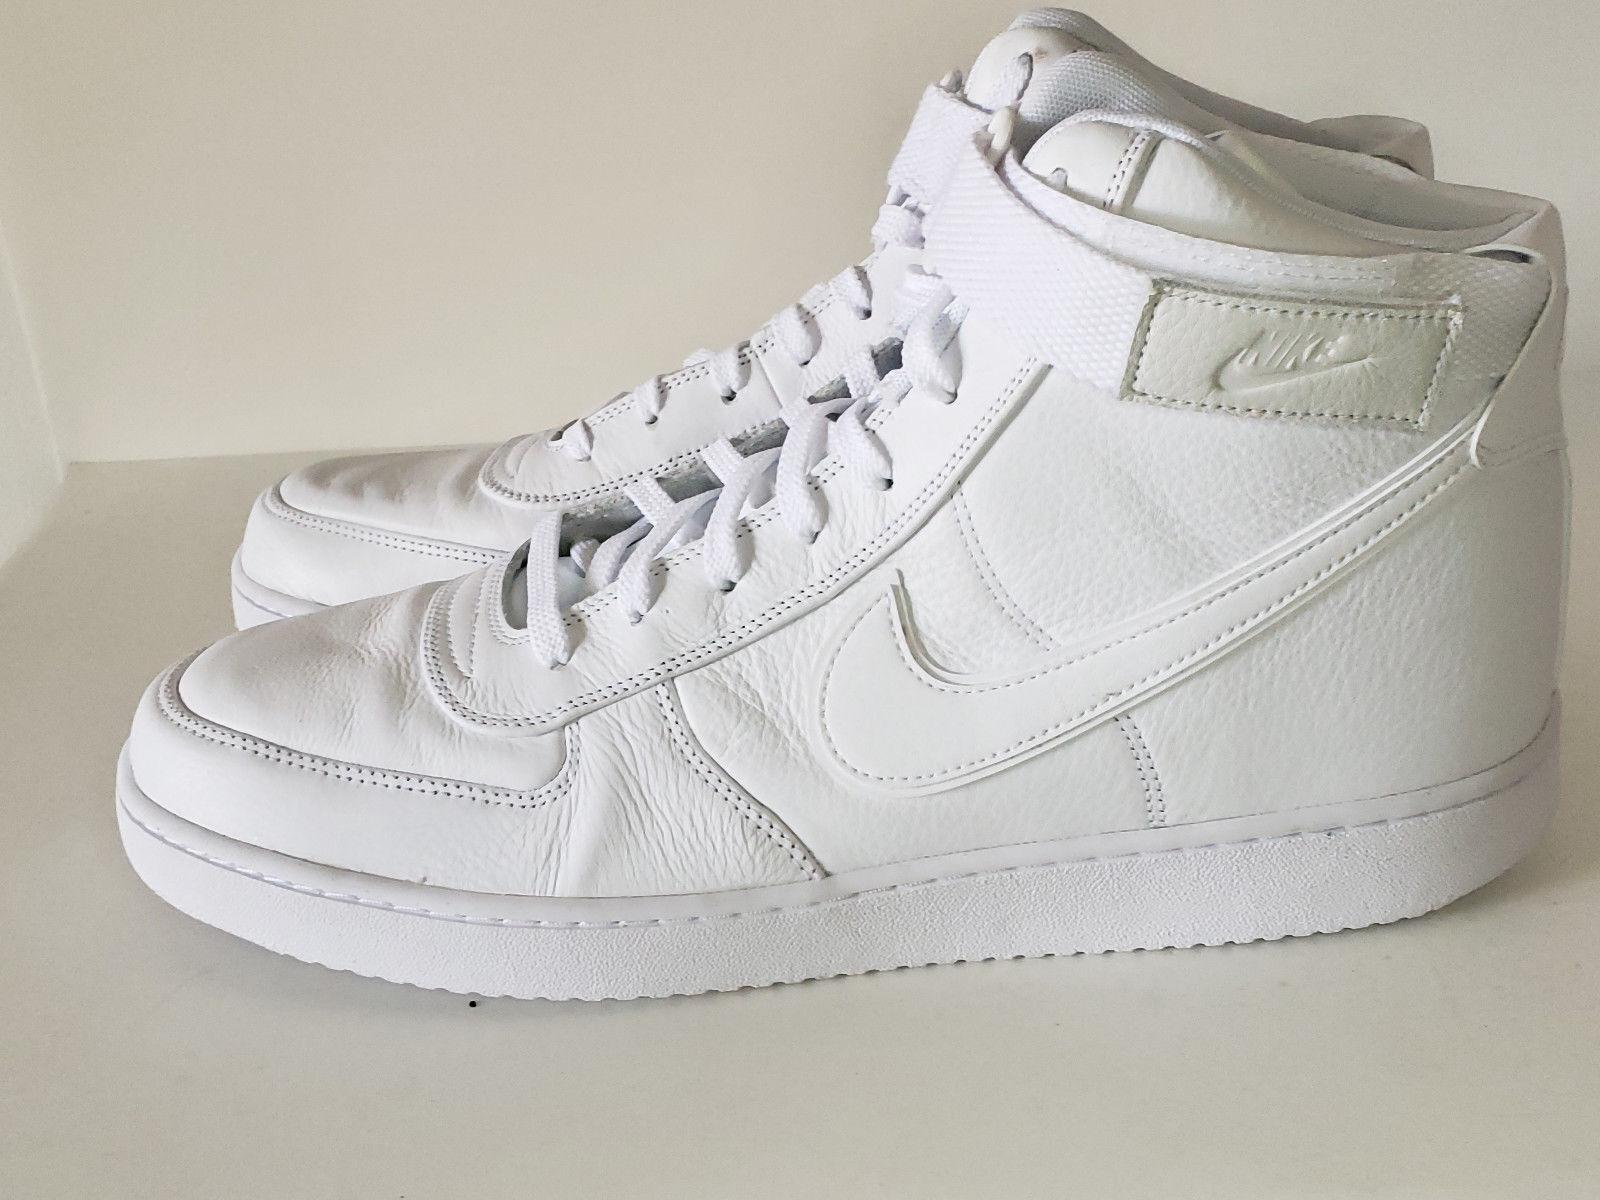 Nike  alto suprema cuoio bianco pennino ah8518-100 Uomo entit suprema alto molto raro aca887